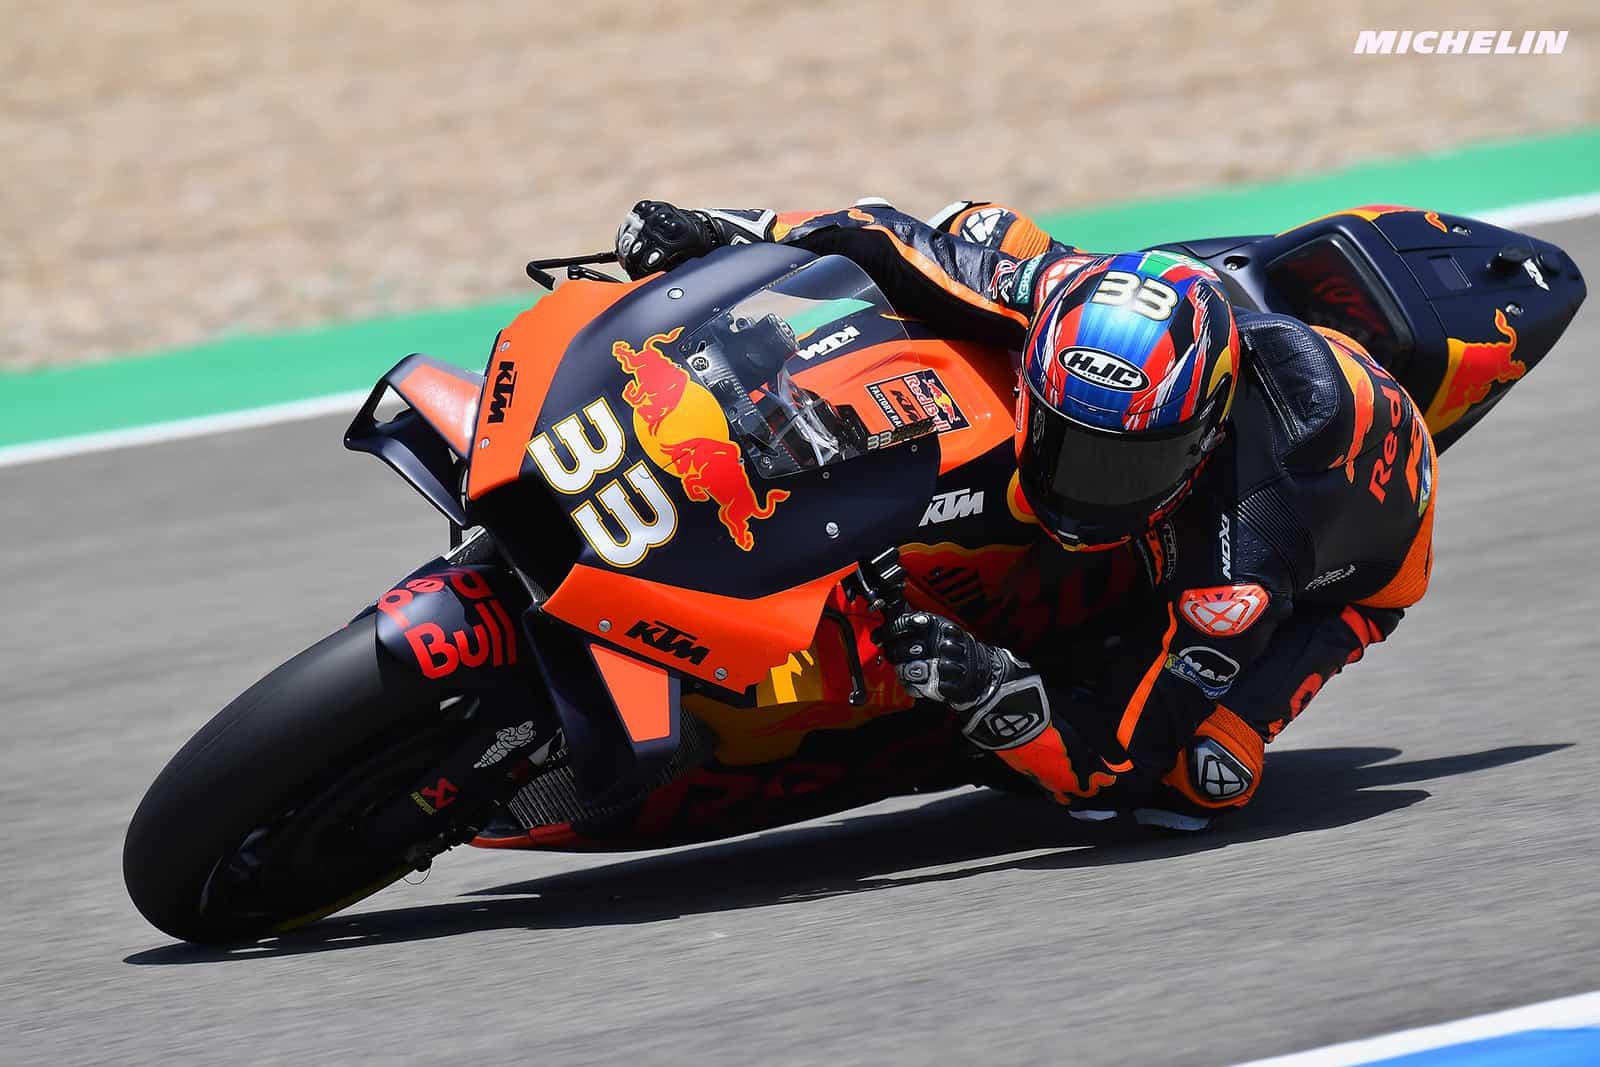 スペインGP 13位ブラッド・ビンダー「フロントグループで楽に走行出来たのは驚き」